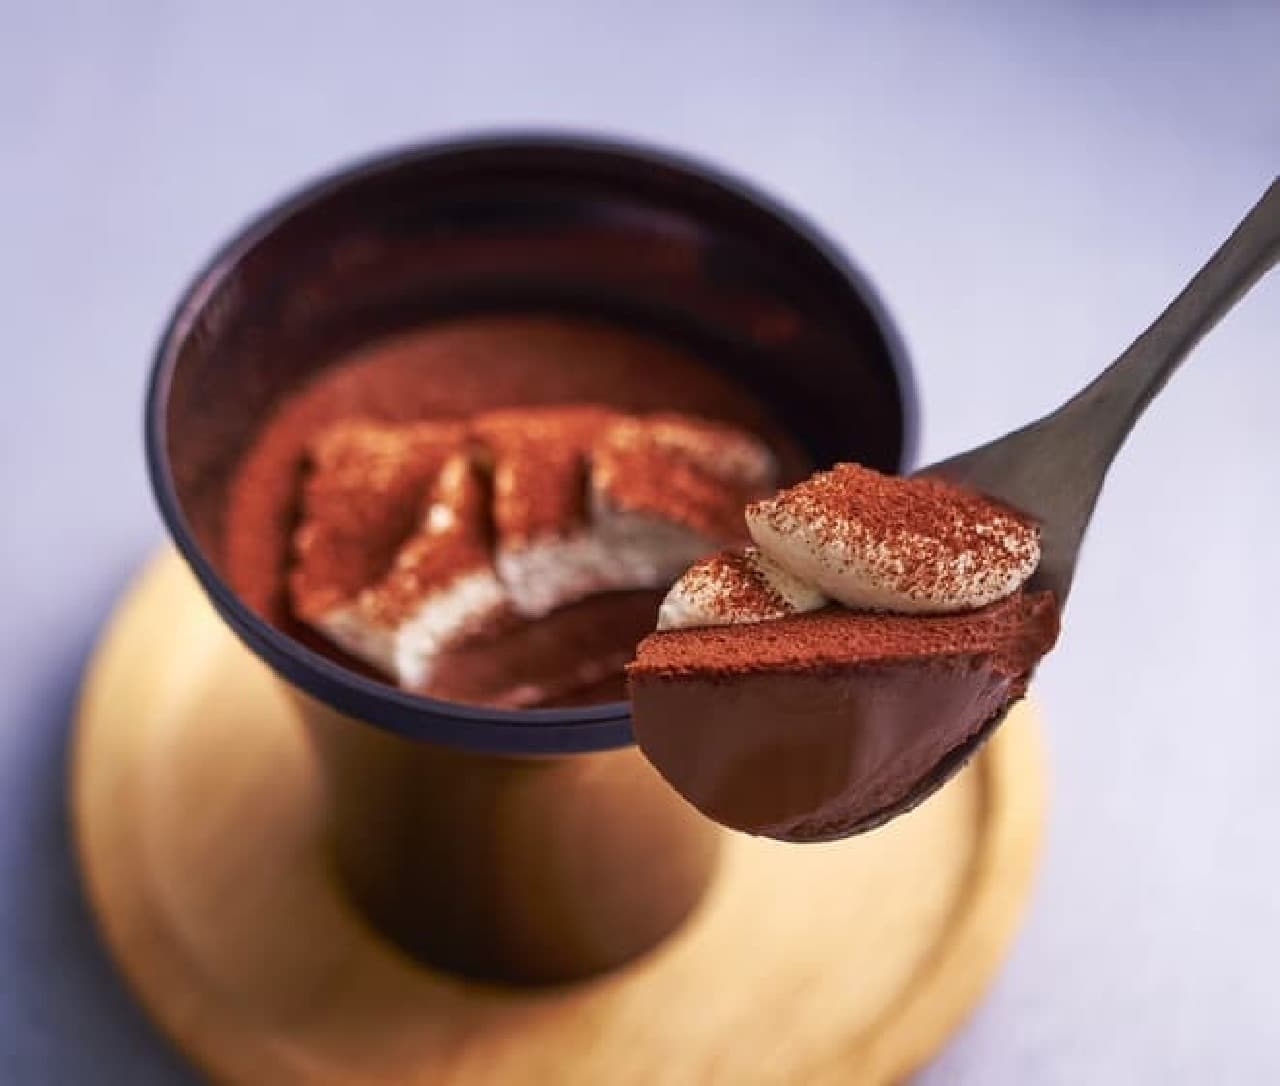 セブン「スプーンで食べる とろ生食感ショコラ」